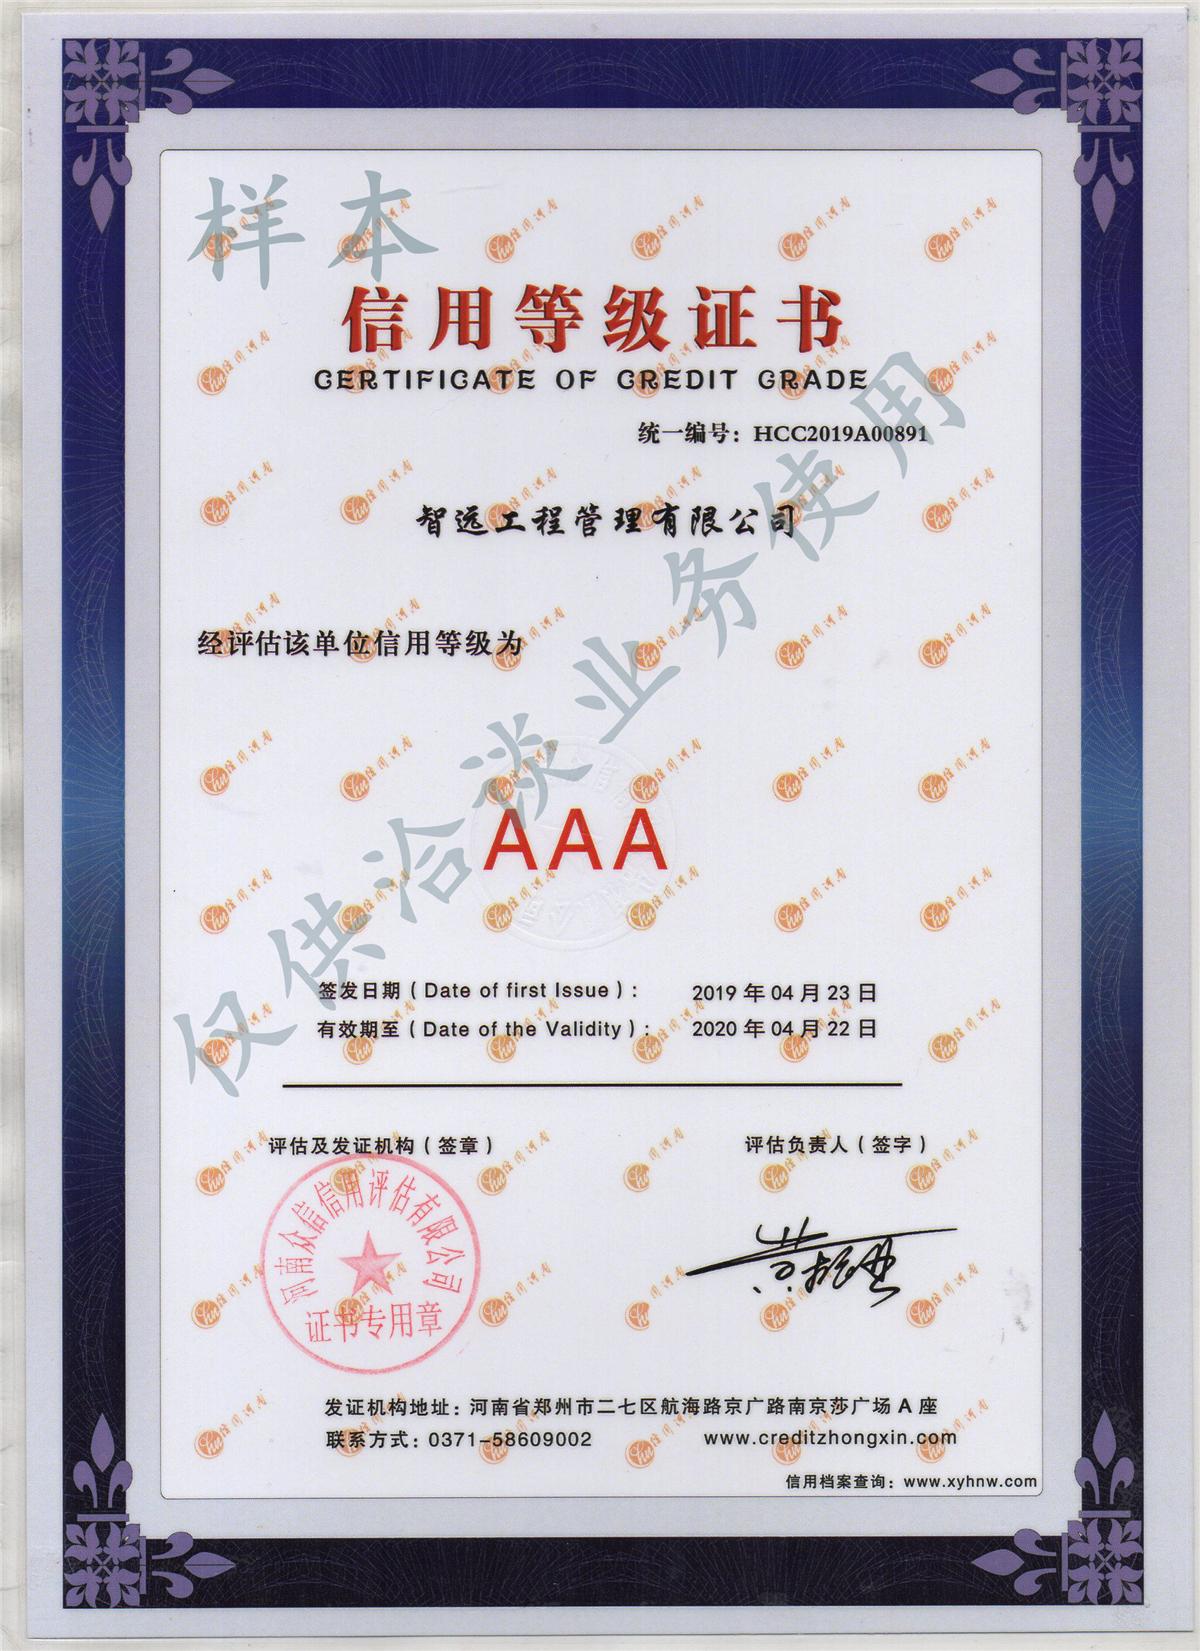 省级AAA信用等级证书